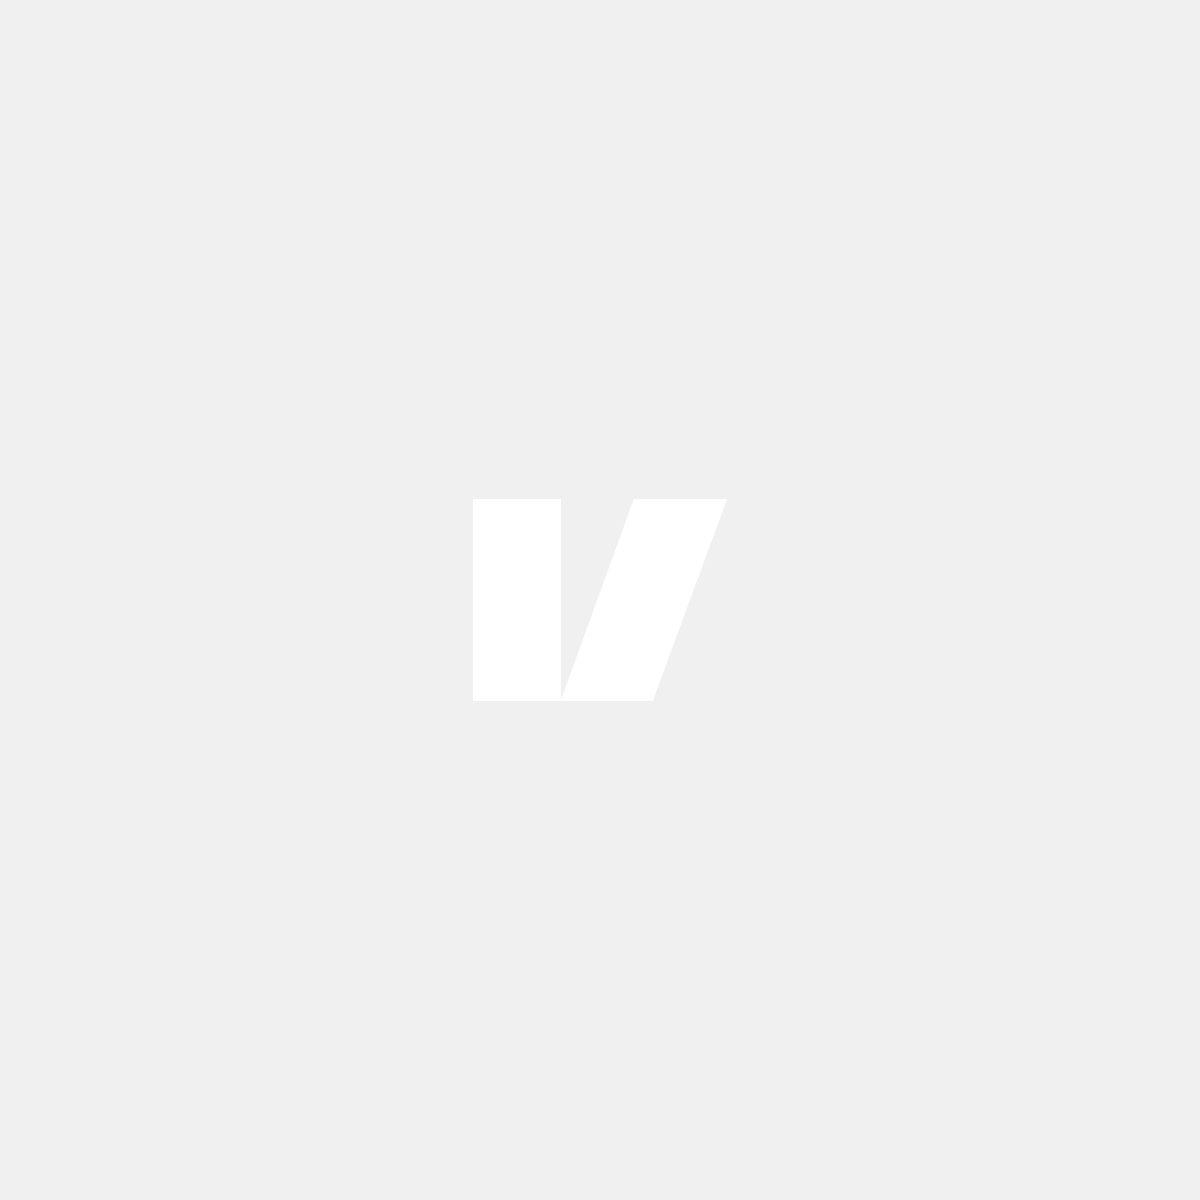 Blanksvarta backspegelkåpor till Volvo S60, S80, V70 -06